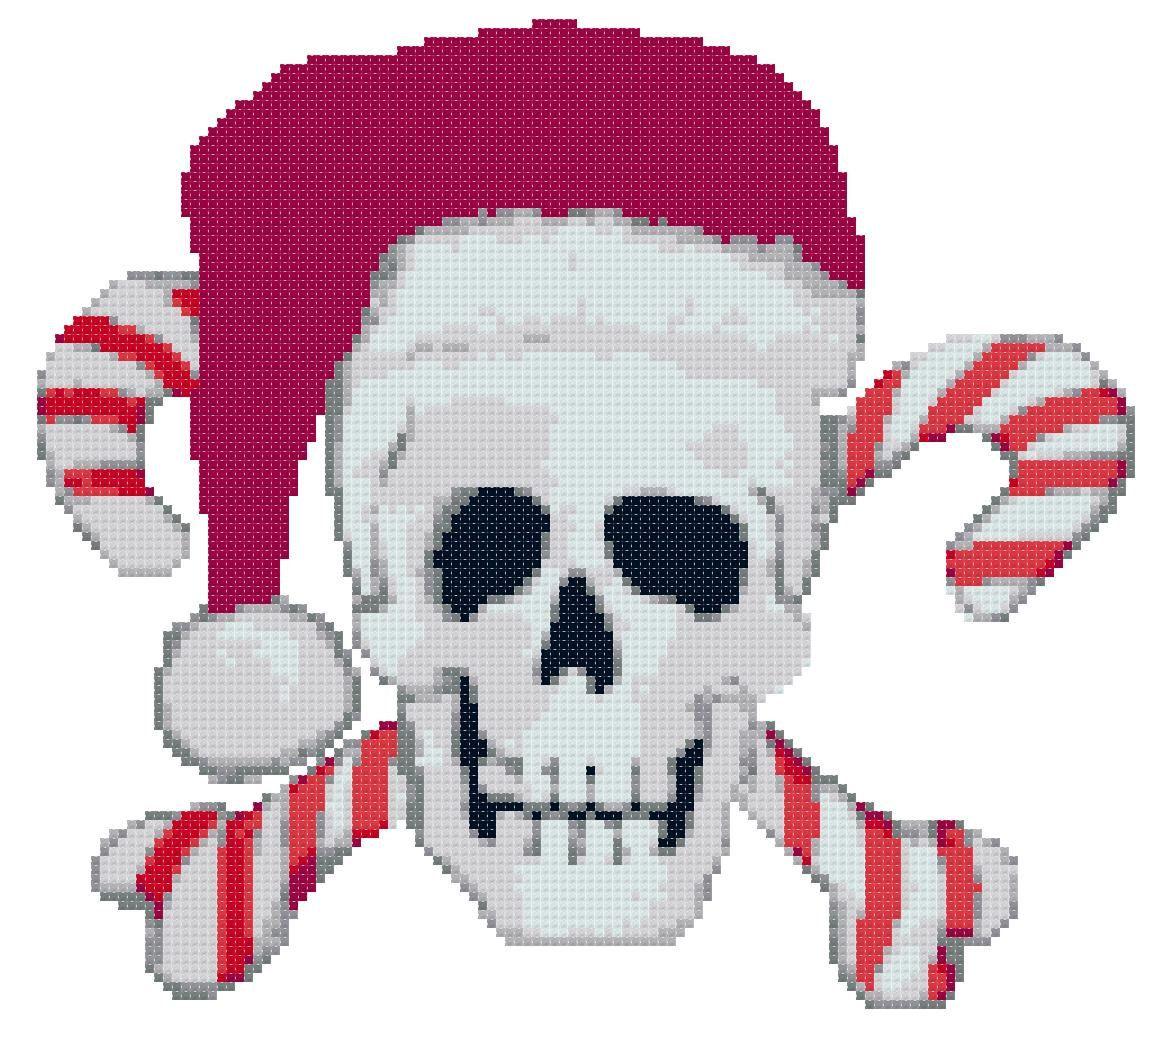 Encantador Cráneo Crochet Y Cruzadas Patrón Colección de Imágenes ...